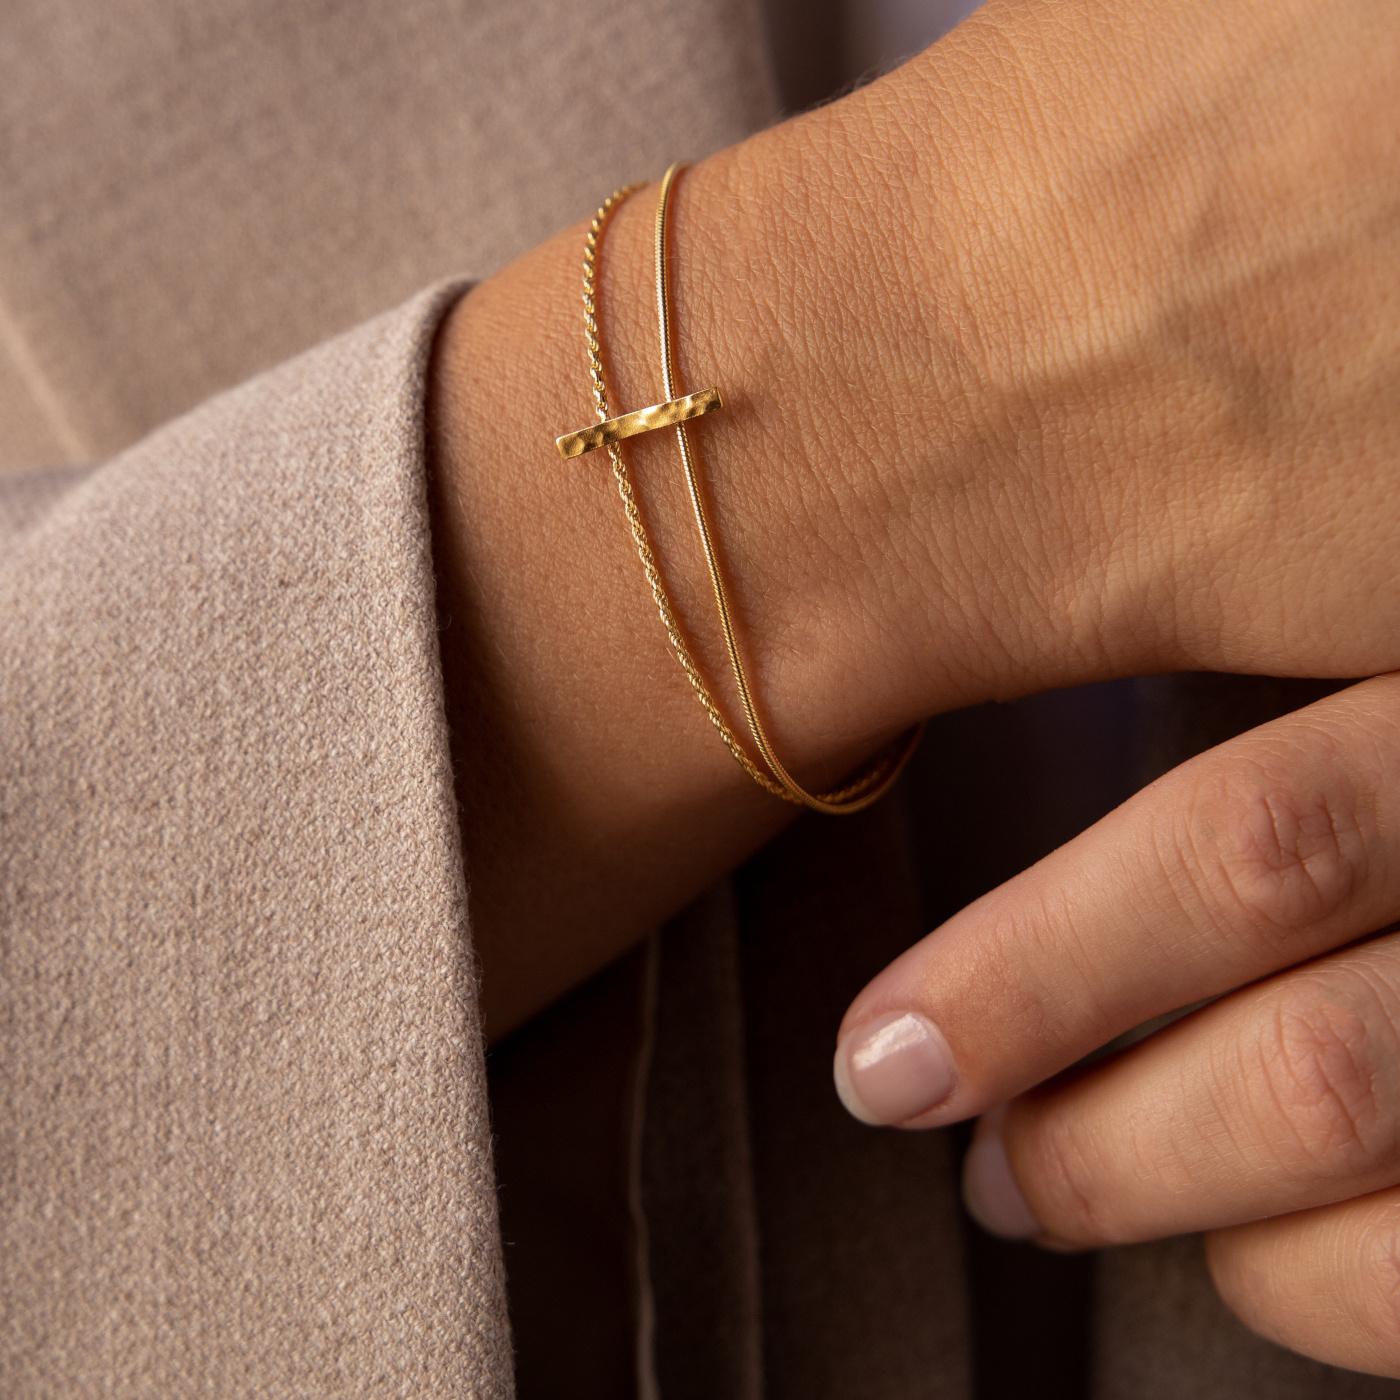 Violet Hamden Sisterhood Moonscape 925 sterlingsølv guldfarvet armbånd